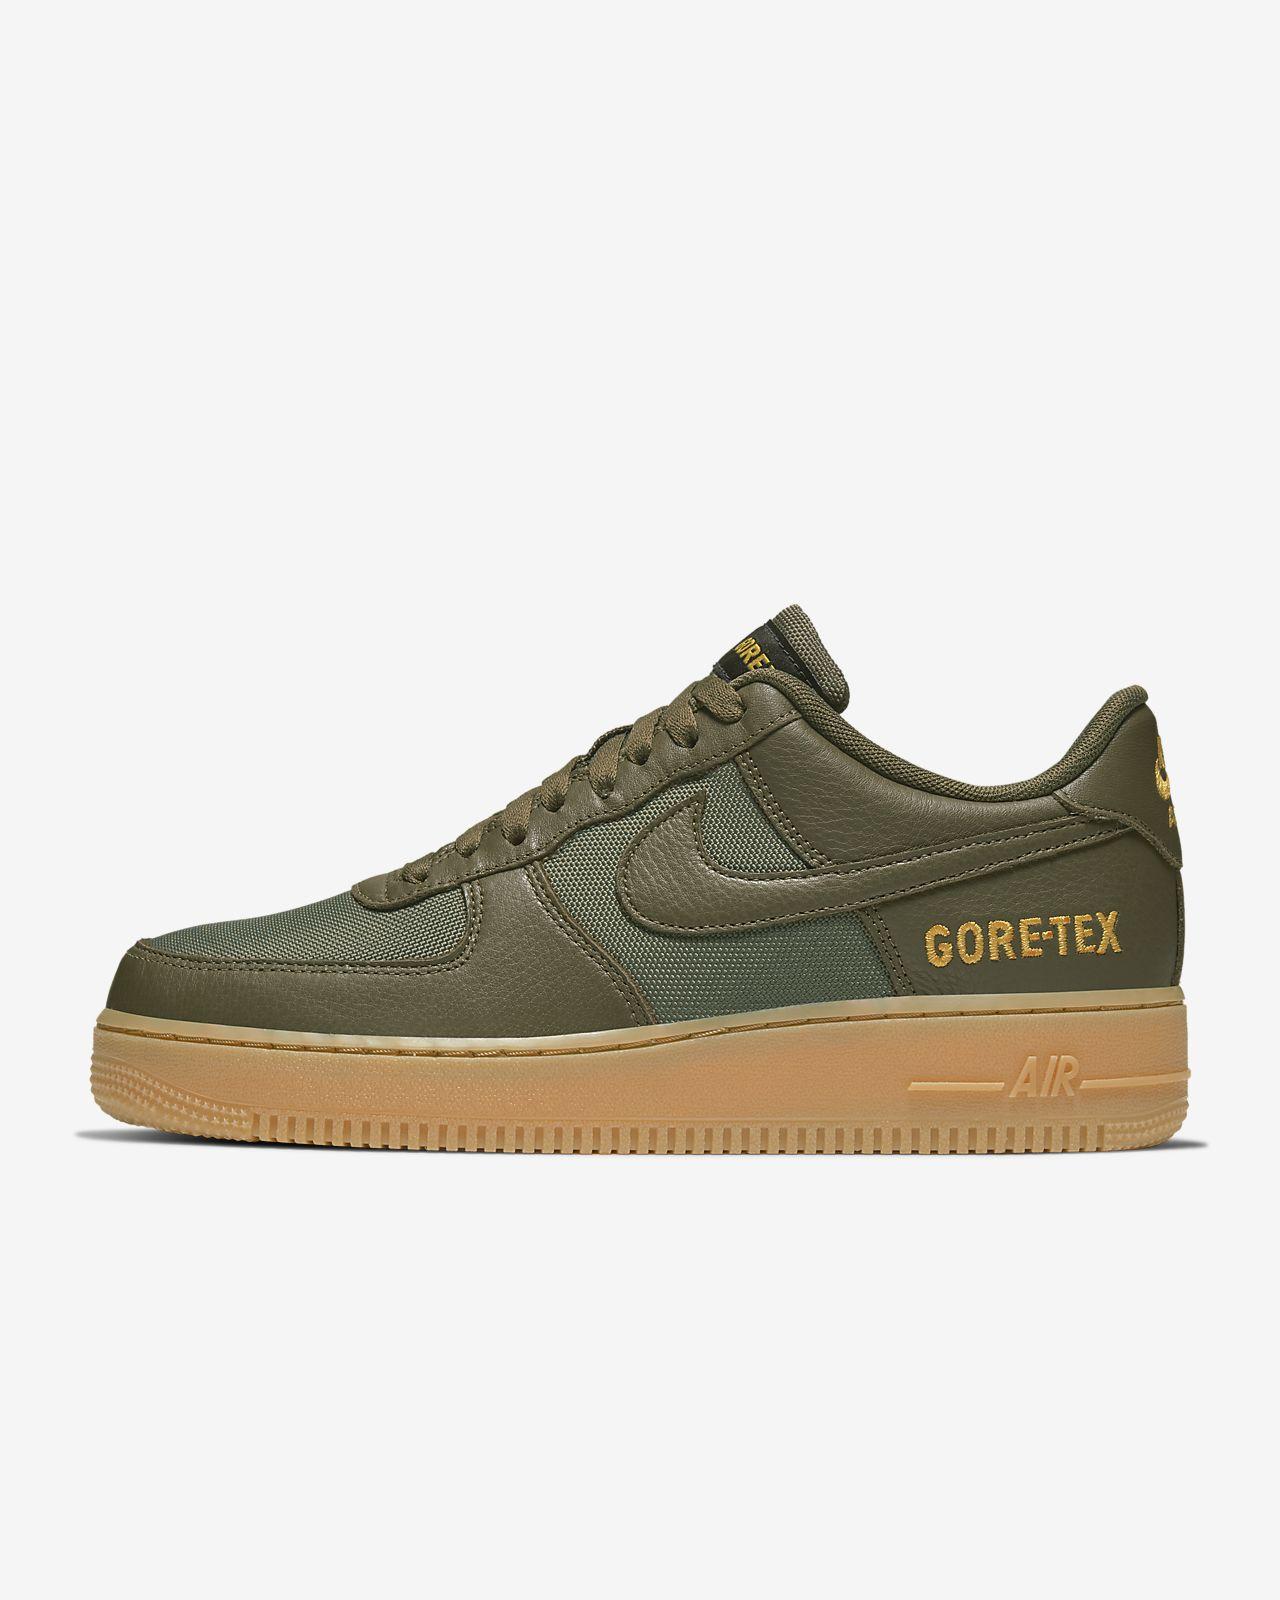 Nike Air Force 1 GTX 男子运动鞋